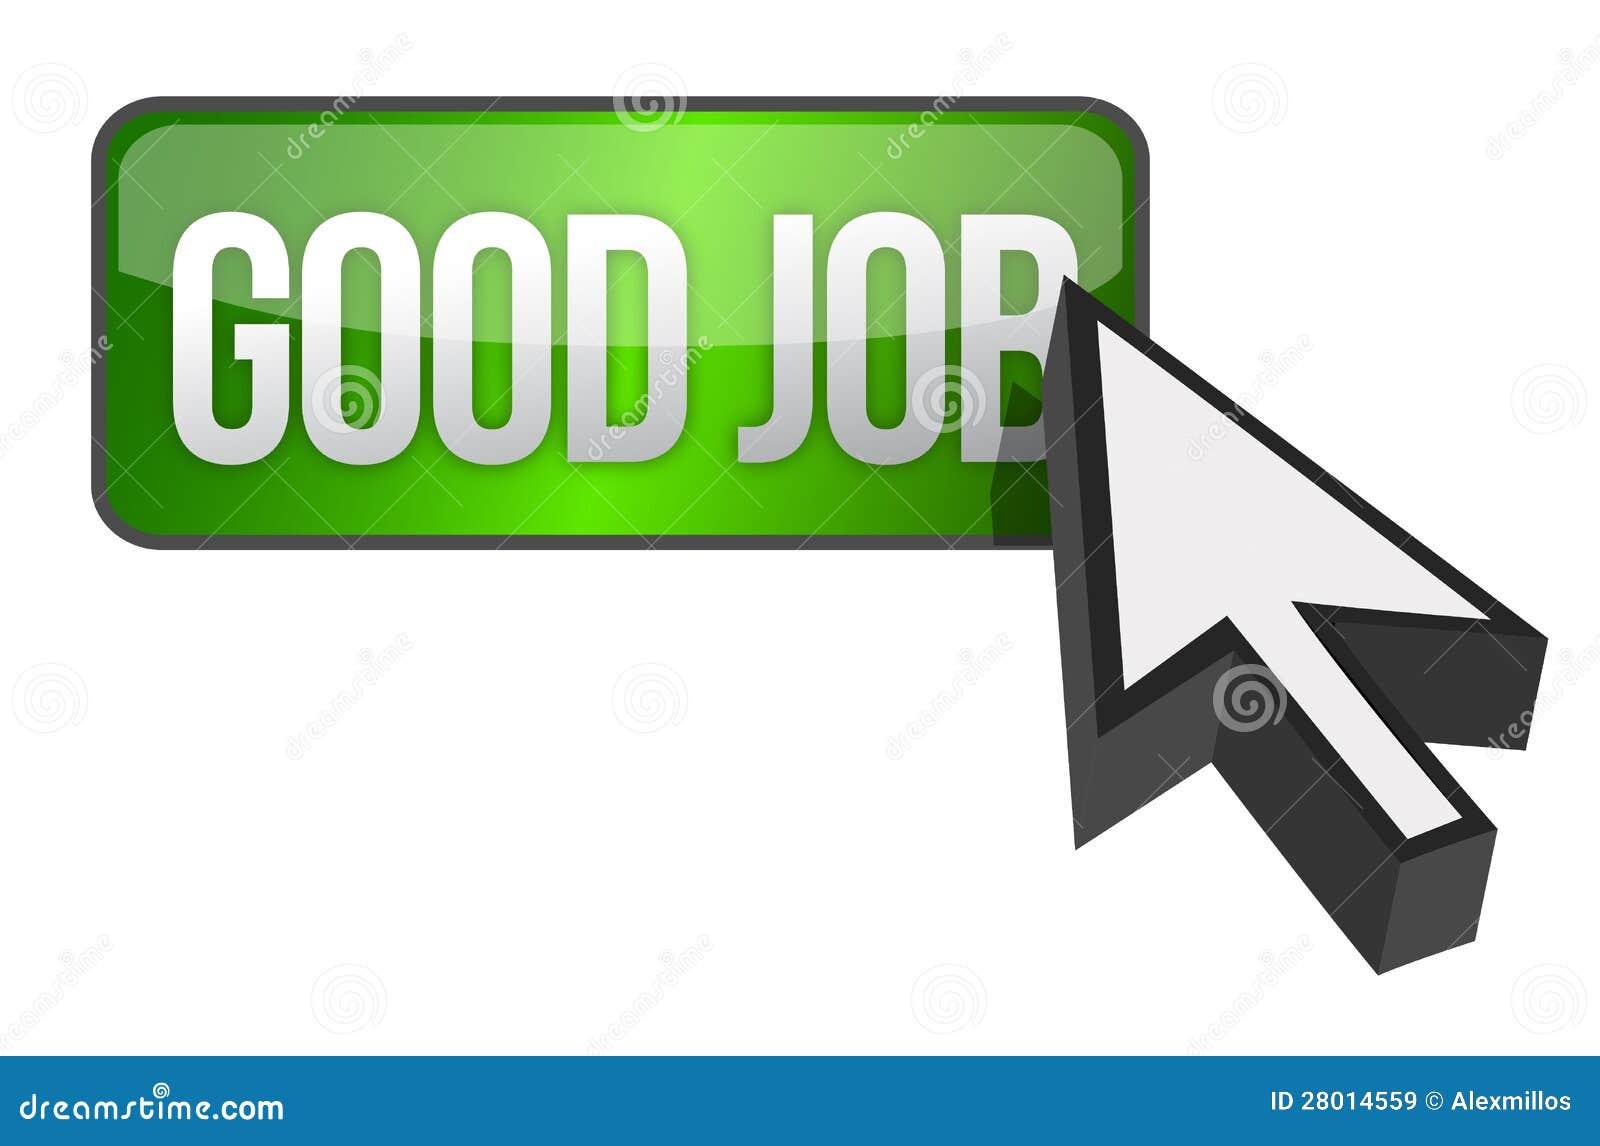 Clipart Good Job Images